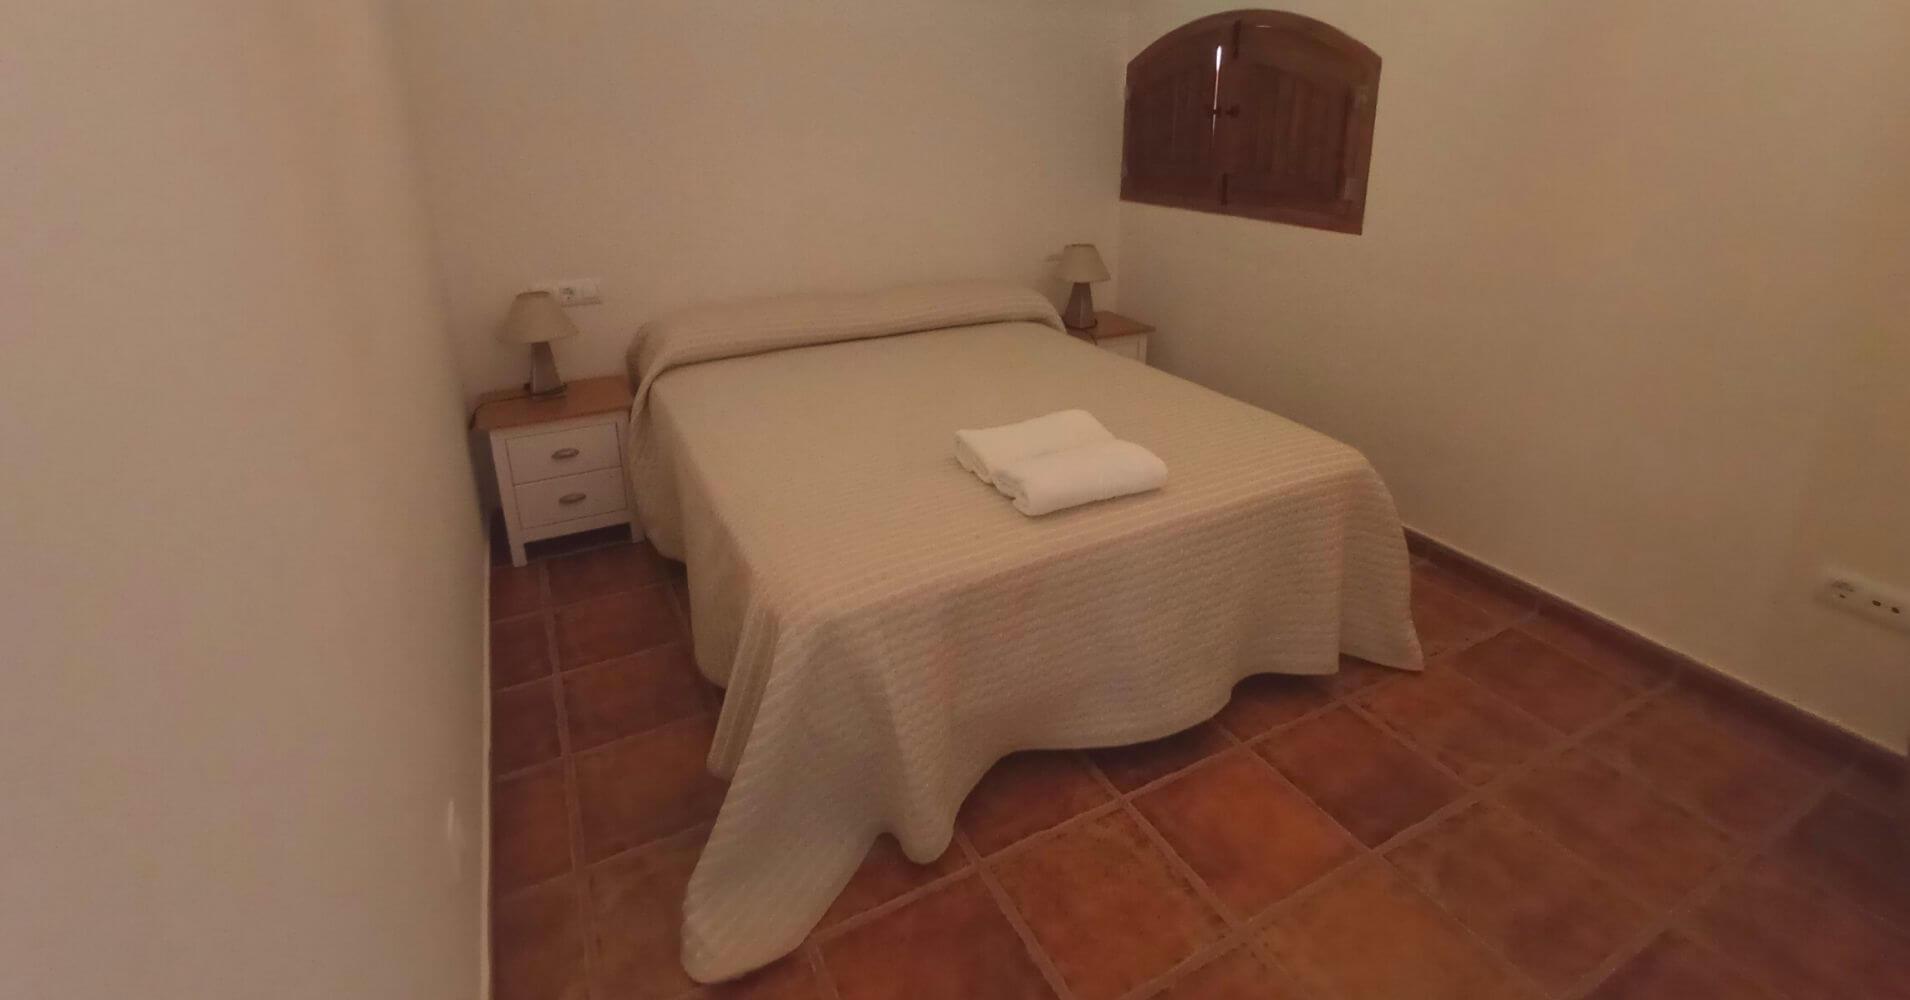 Dormitorio Alojamiento Rural. Madridejos, Toledo. Castilla La Mancha.